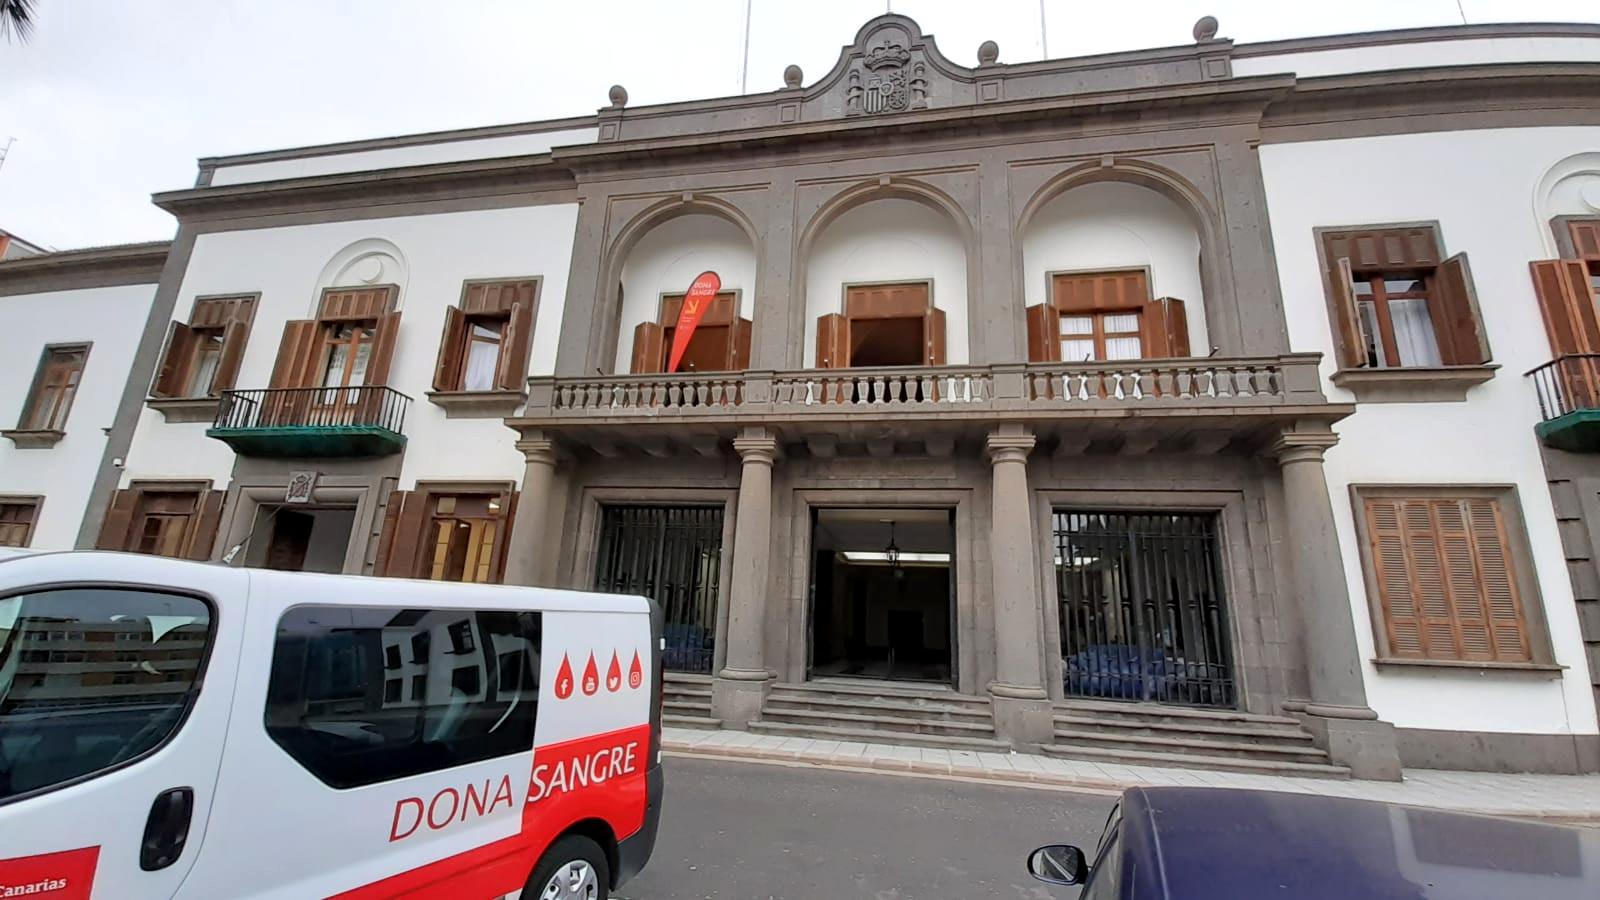 Donación de sangre en la Delegación del Gobierno en Canarias / CanariasNoticias.es